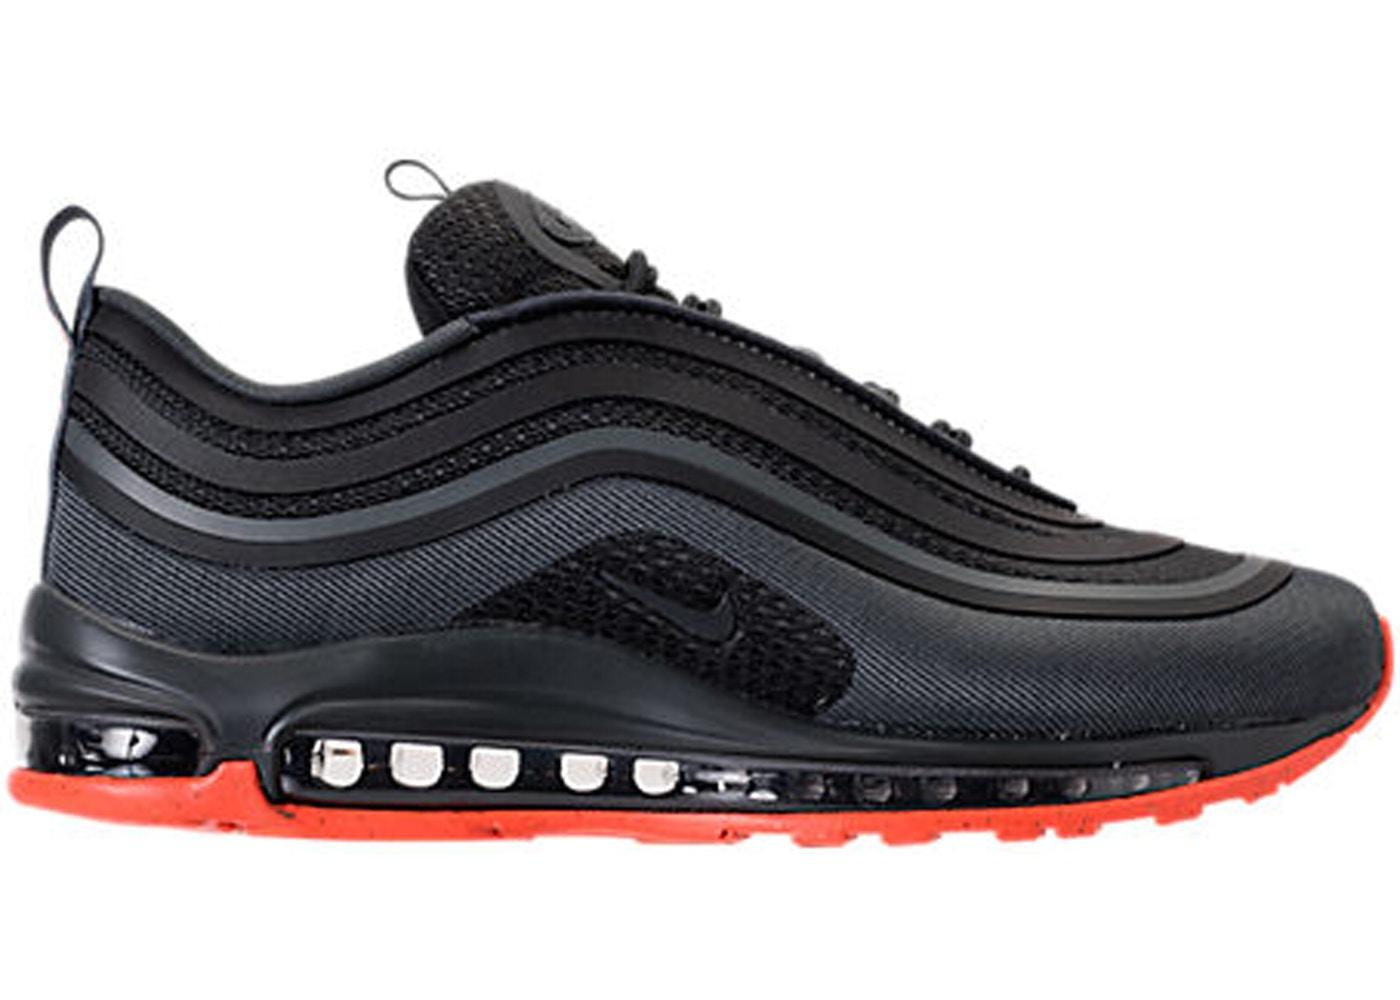 Nike Air Max 97 OG Black White Yellow 921522 005 Sneaker